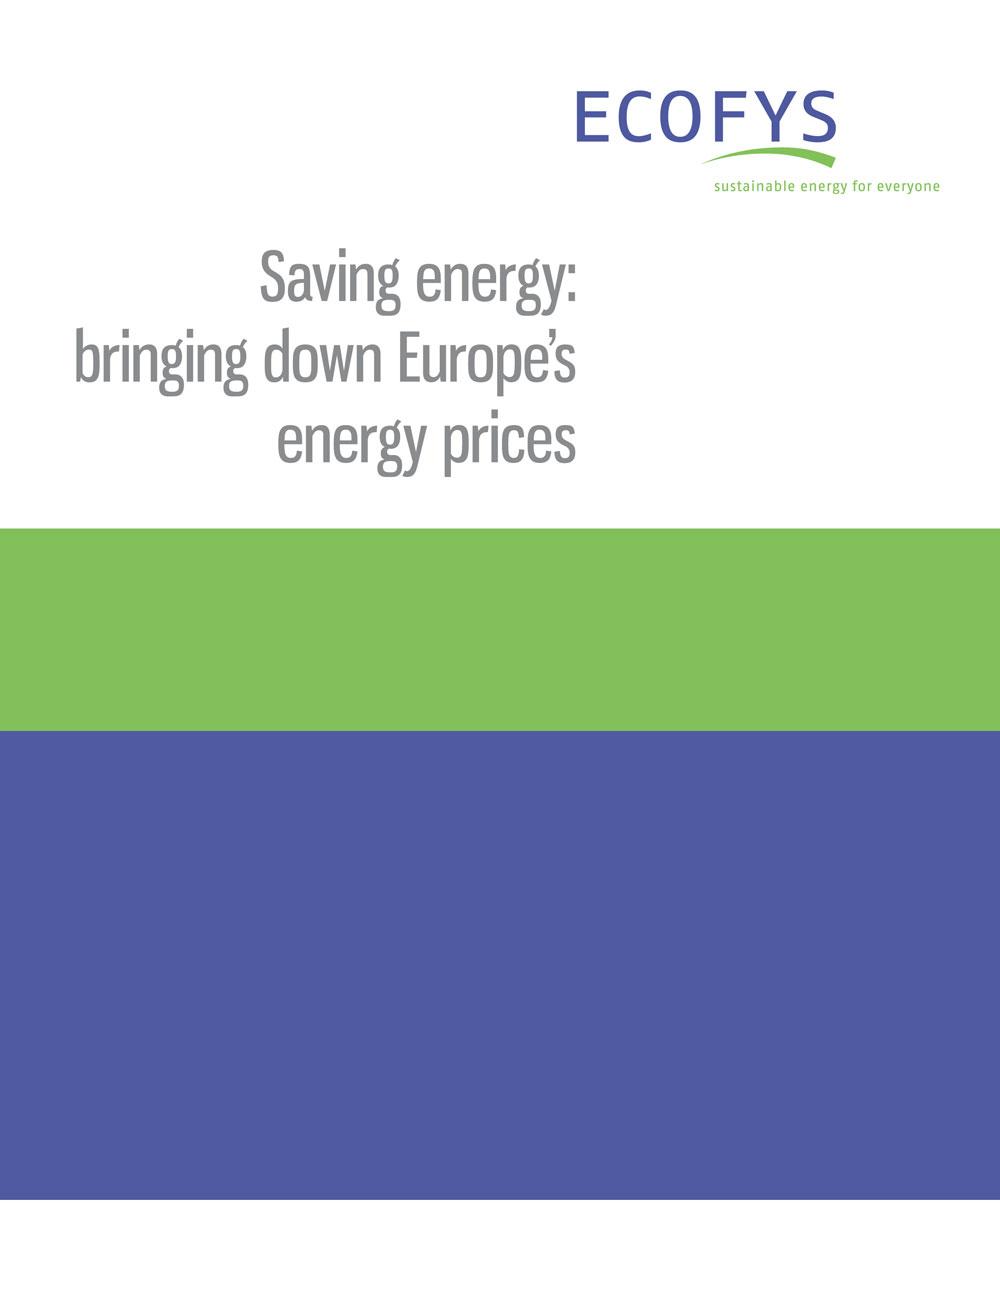 foee_ecofys_saving_energy_j